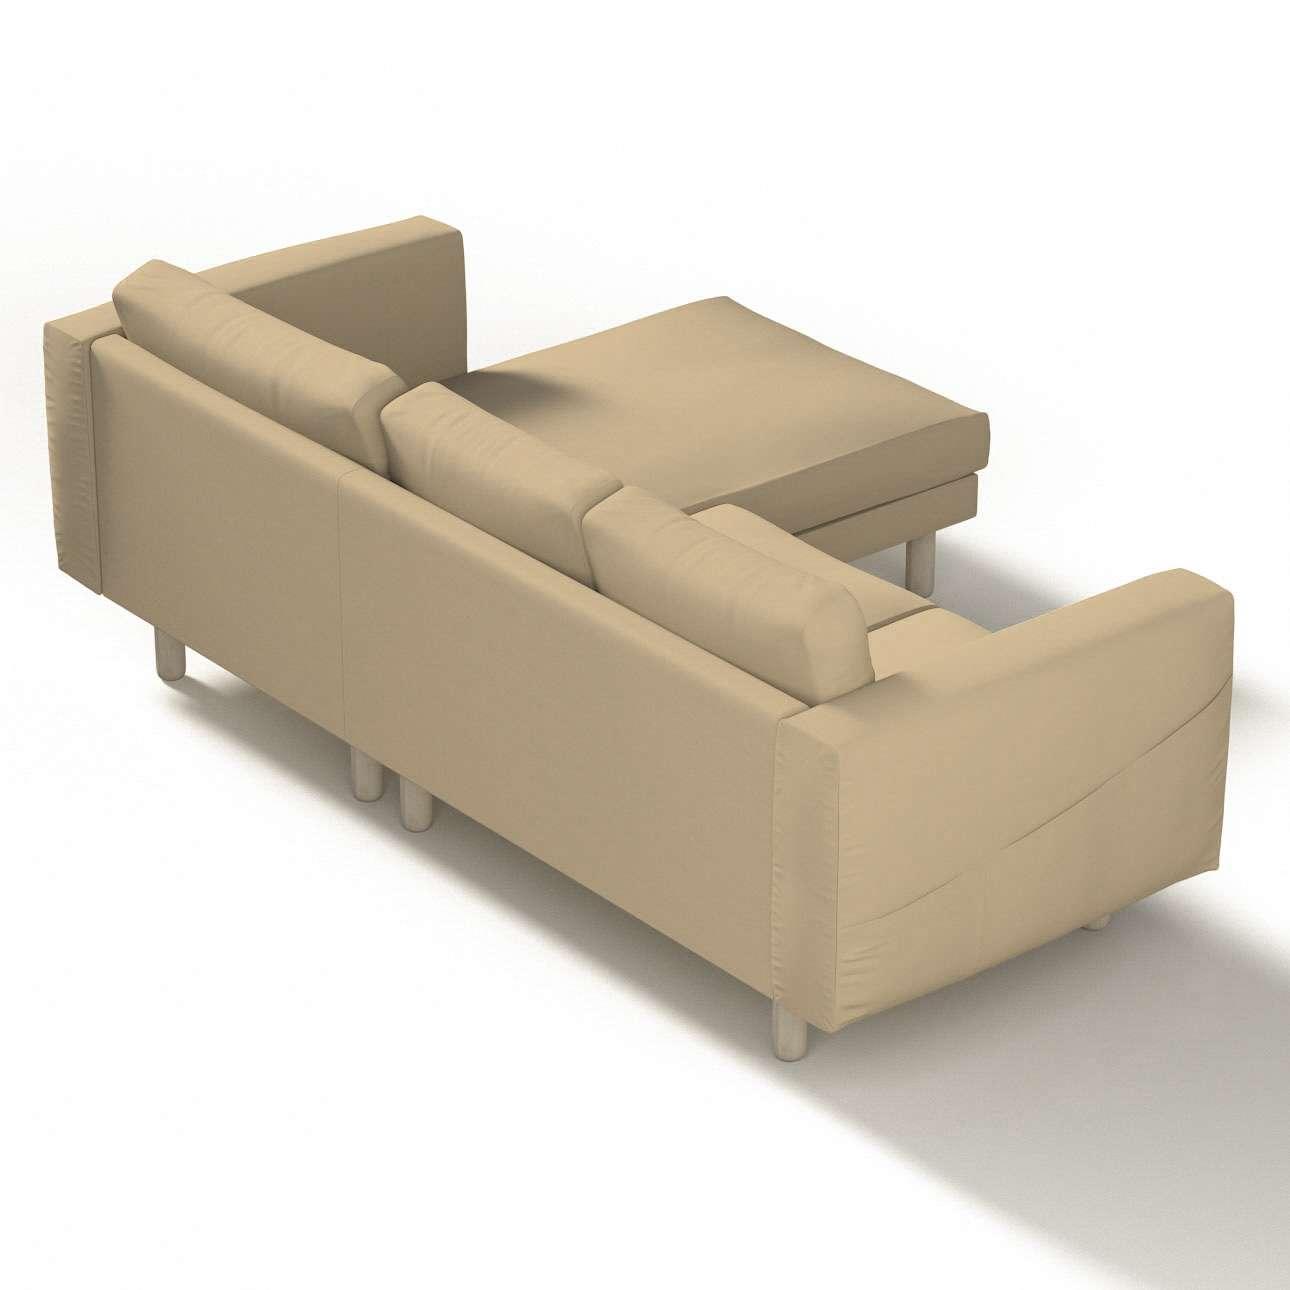 Pokrowiec na sofę Norsborg 3-osobową z szezlongiem w kolekcji Cotton Panama, tkanina: 702-01